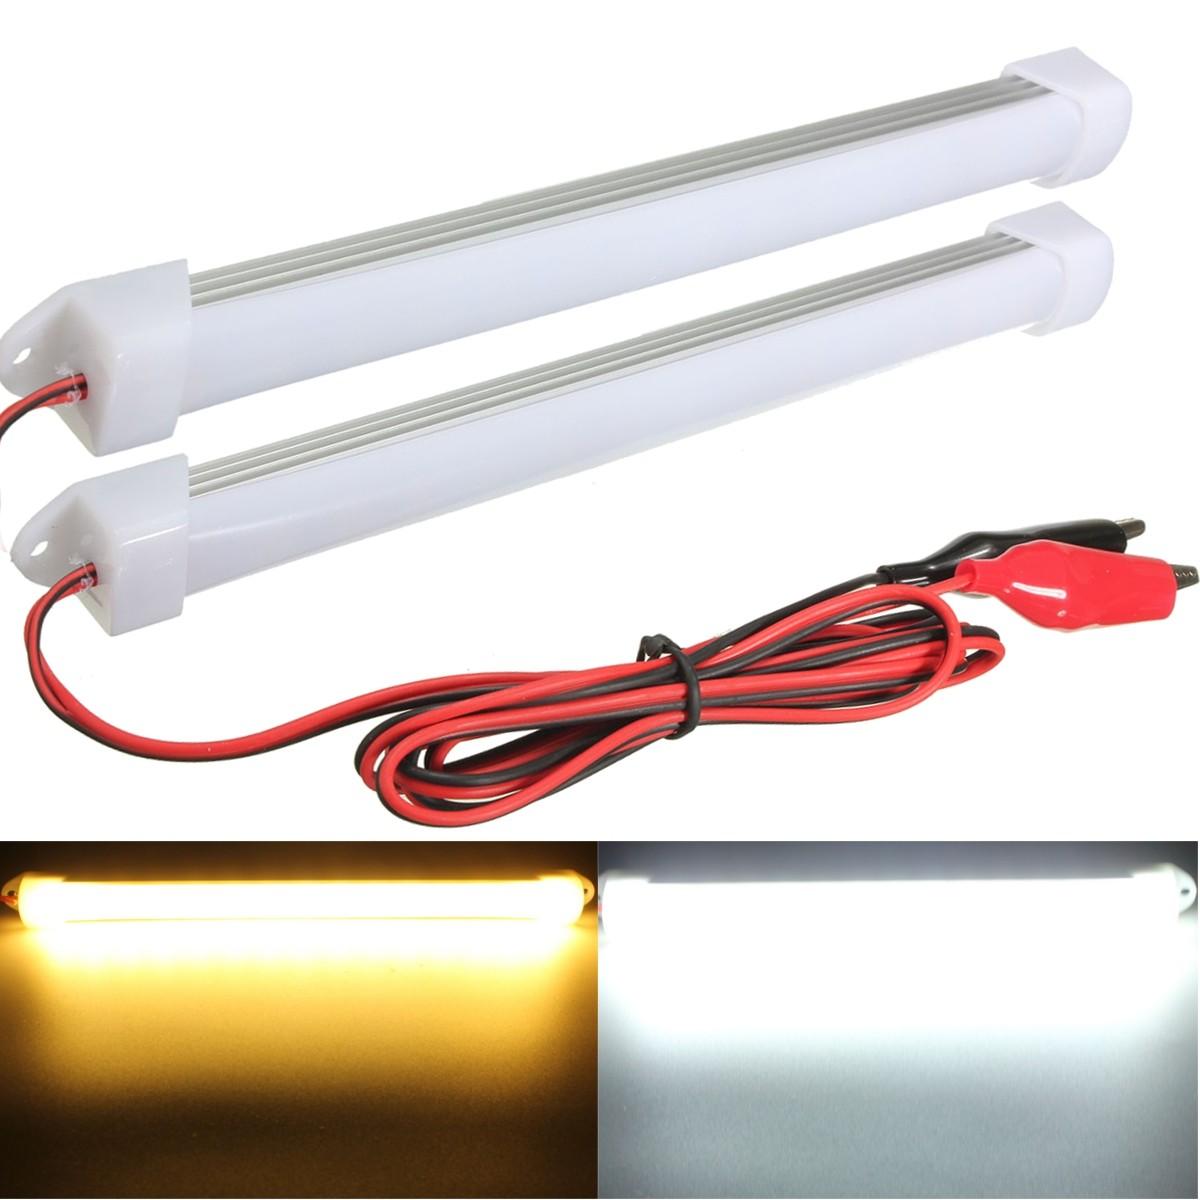 Interior Led Lights For Home: 2015 New 2PCS 12V LED Car Interior Light Bar Tube Strip